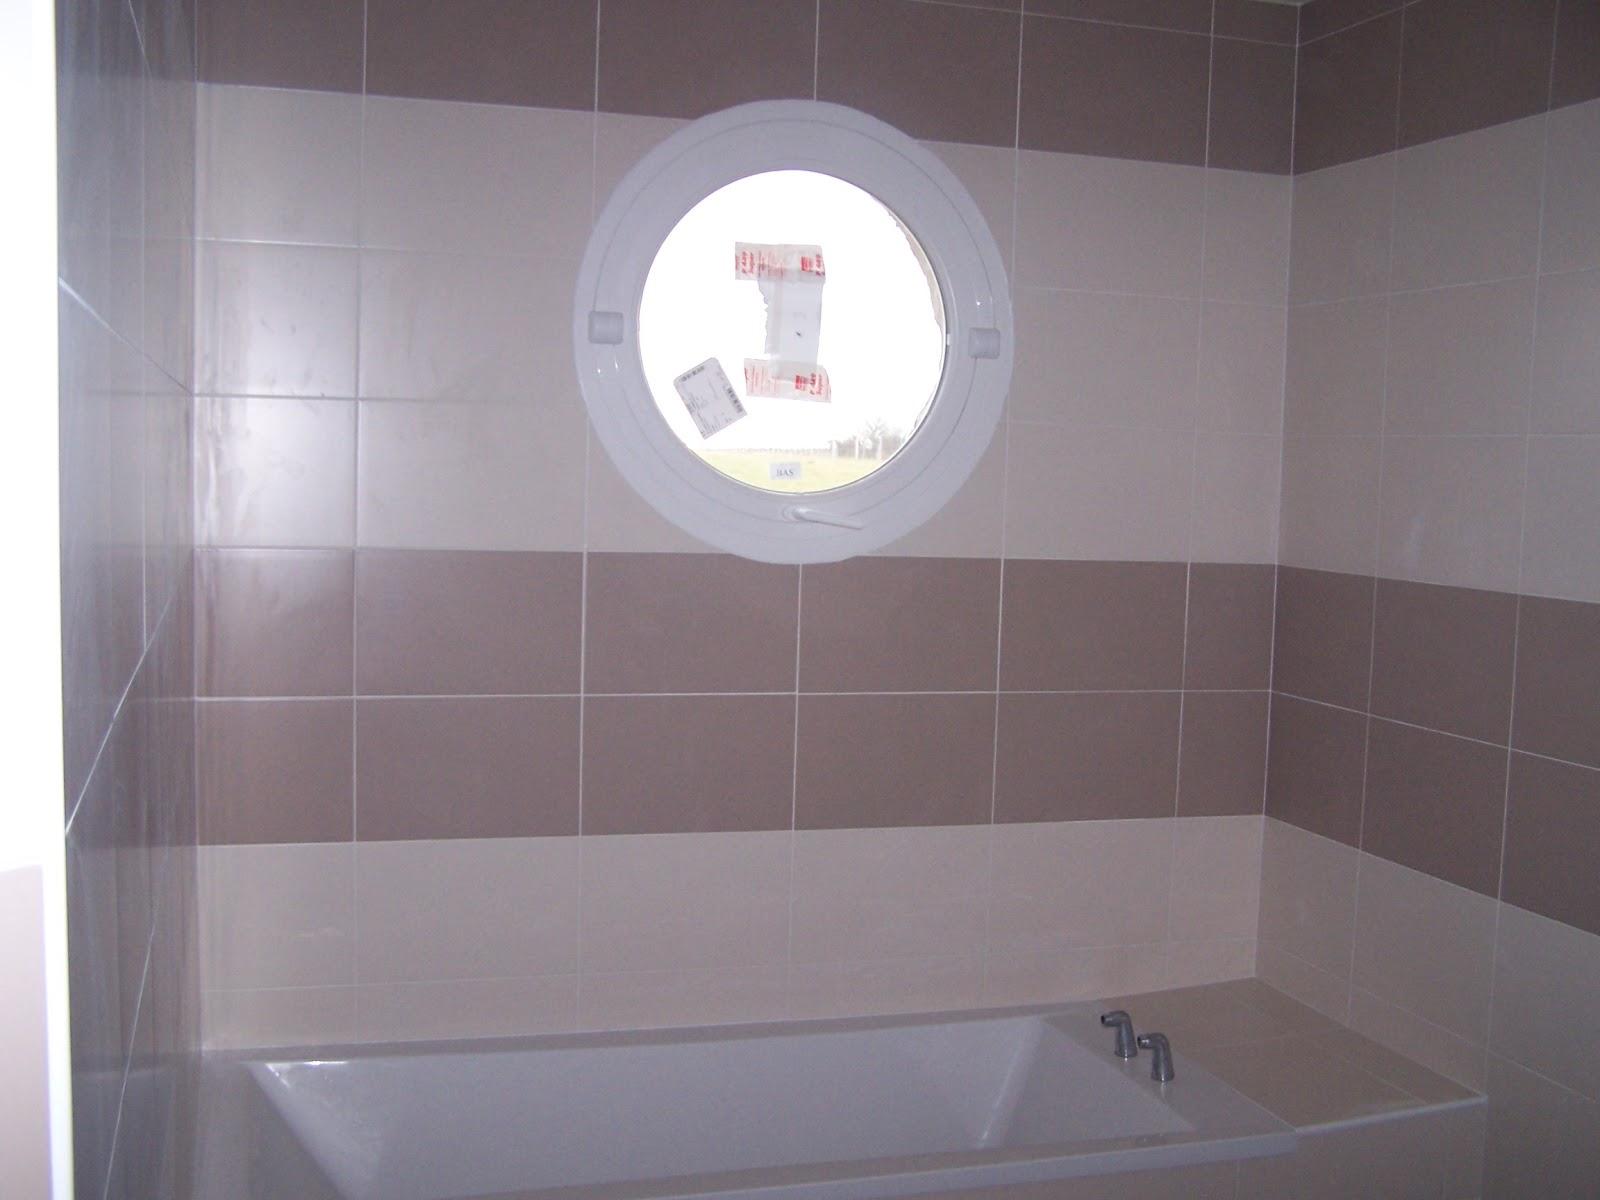 Bouillon gilles janvier 2012 for Salle de bain carrelee jusqu au plafond